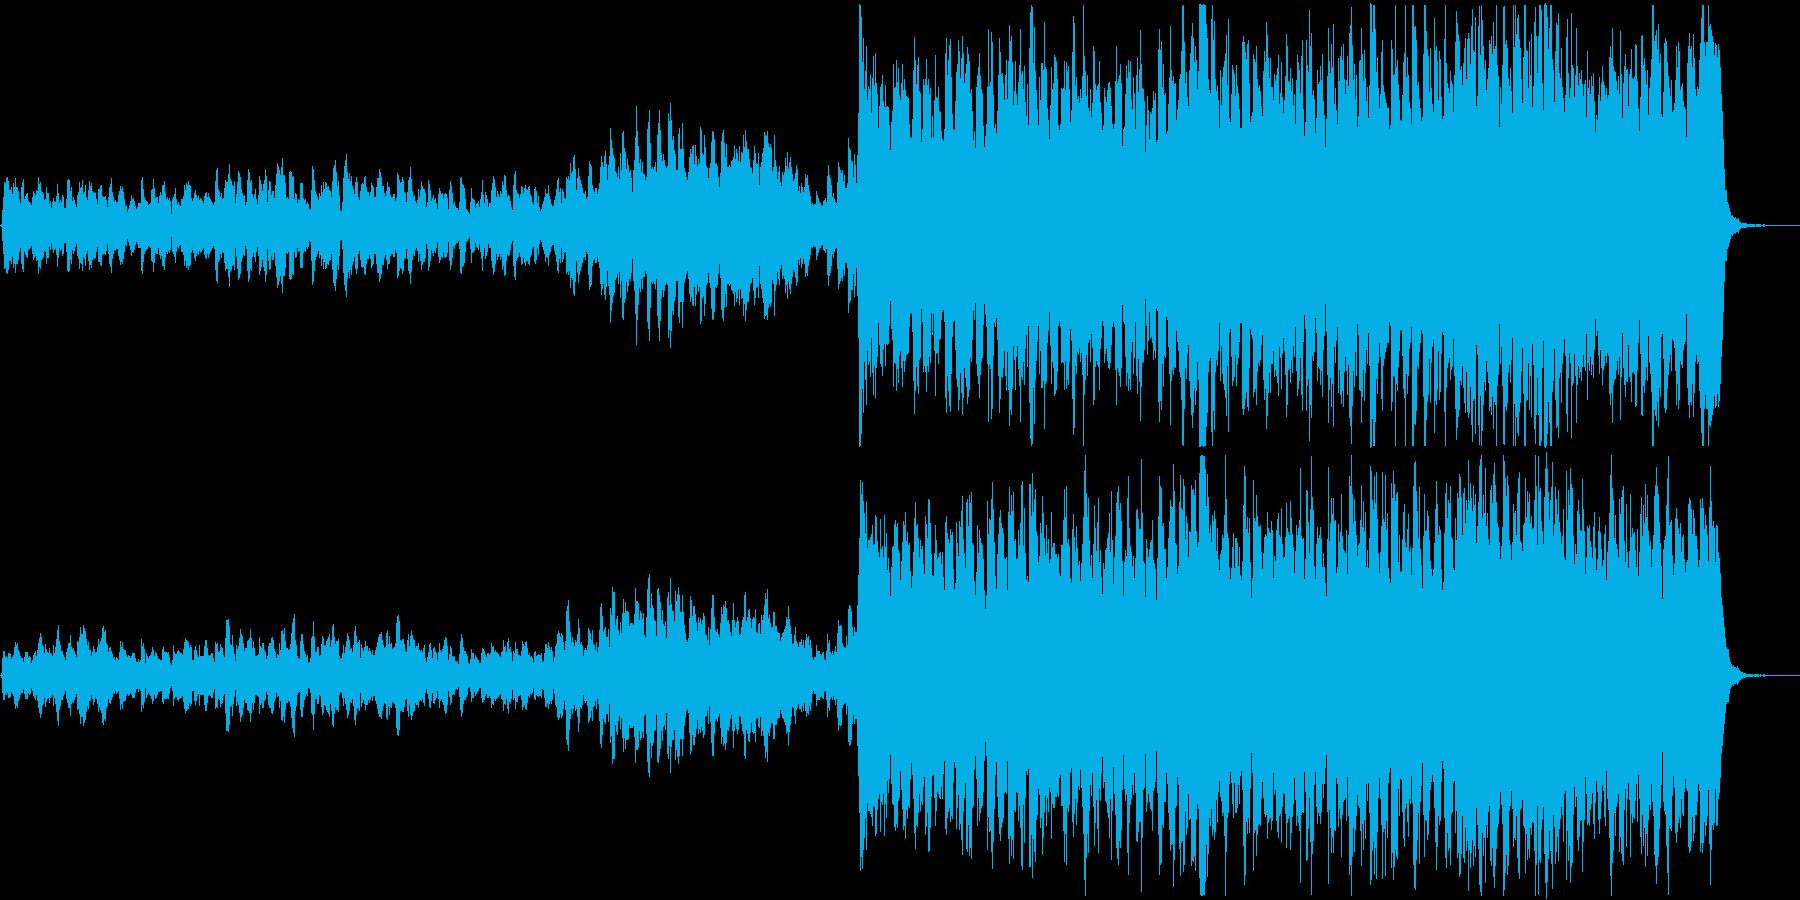 エルガー 行進曲 威風堂々 第1番よりの再生済みの波形